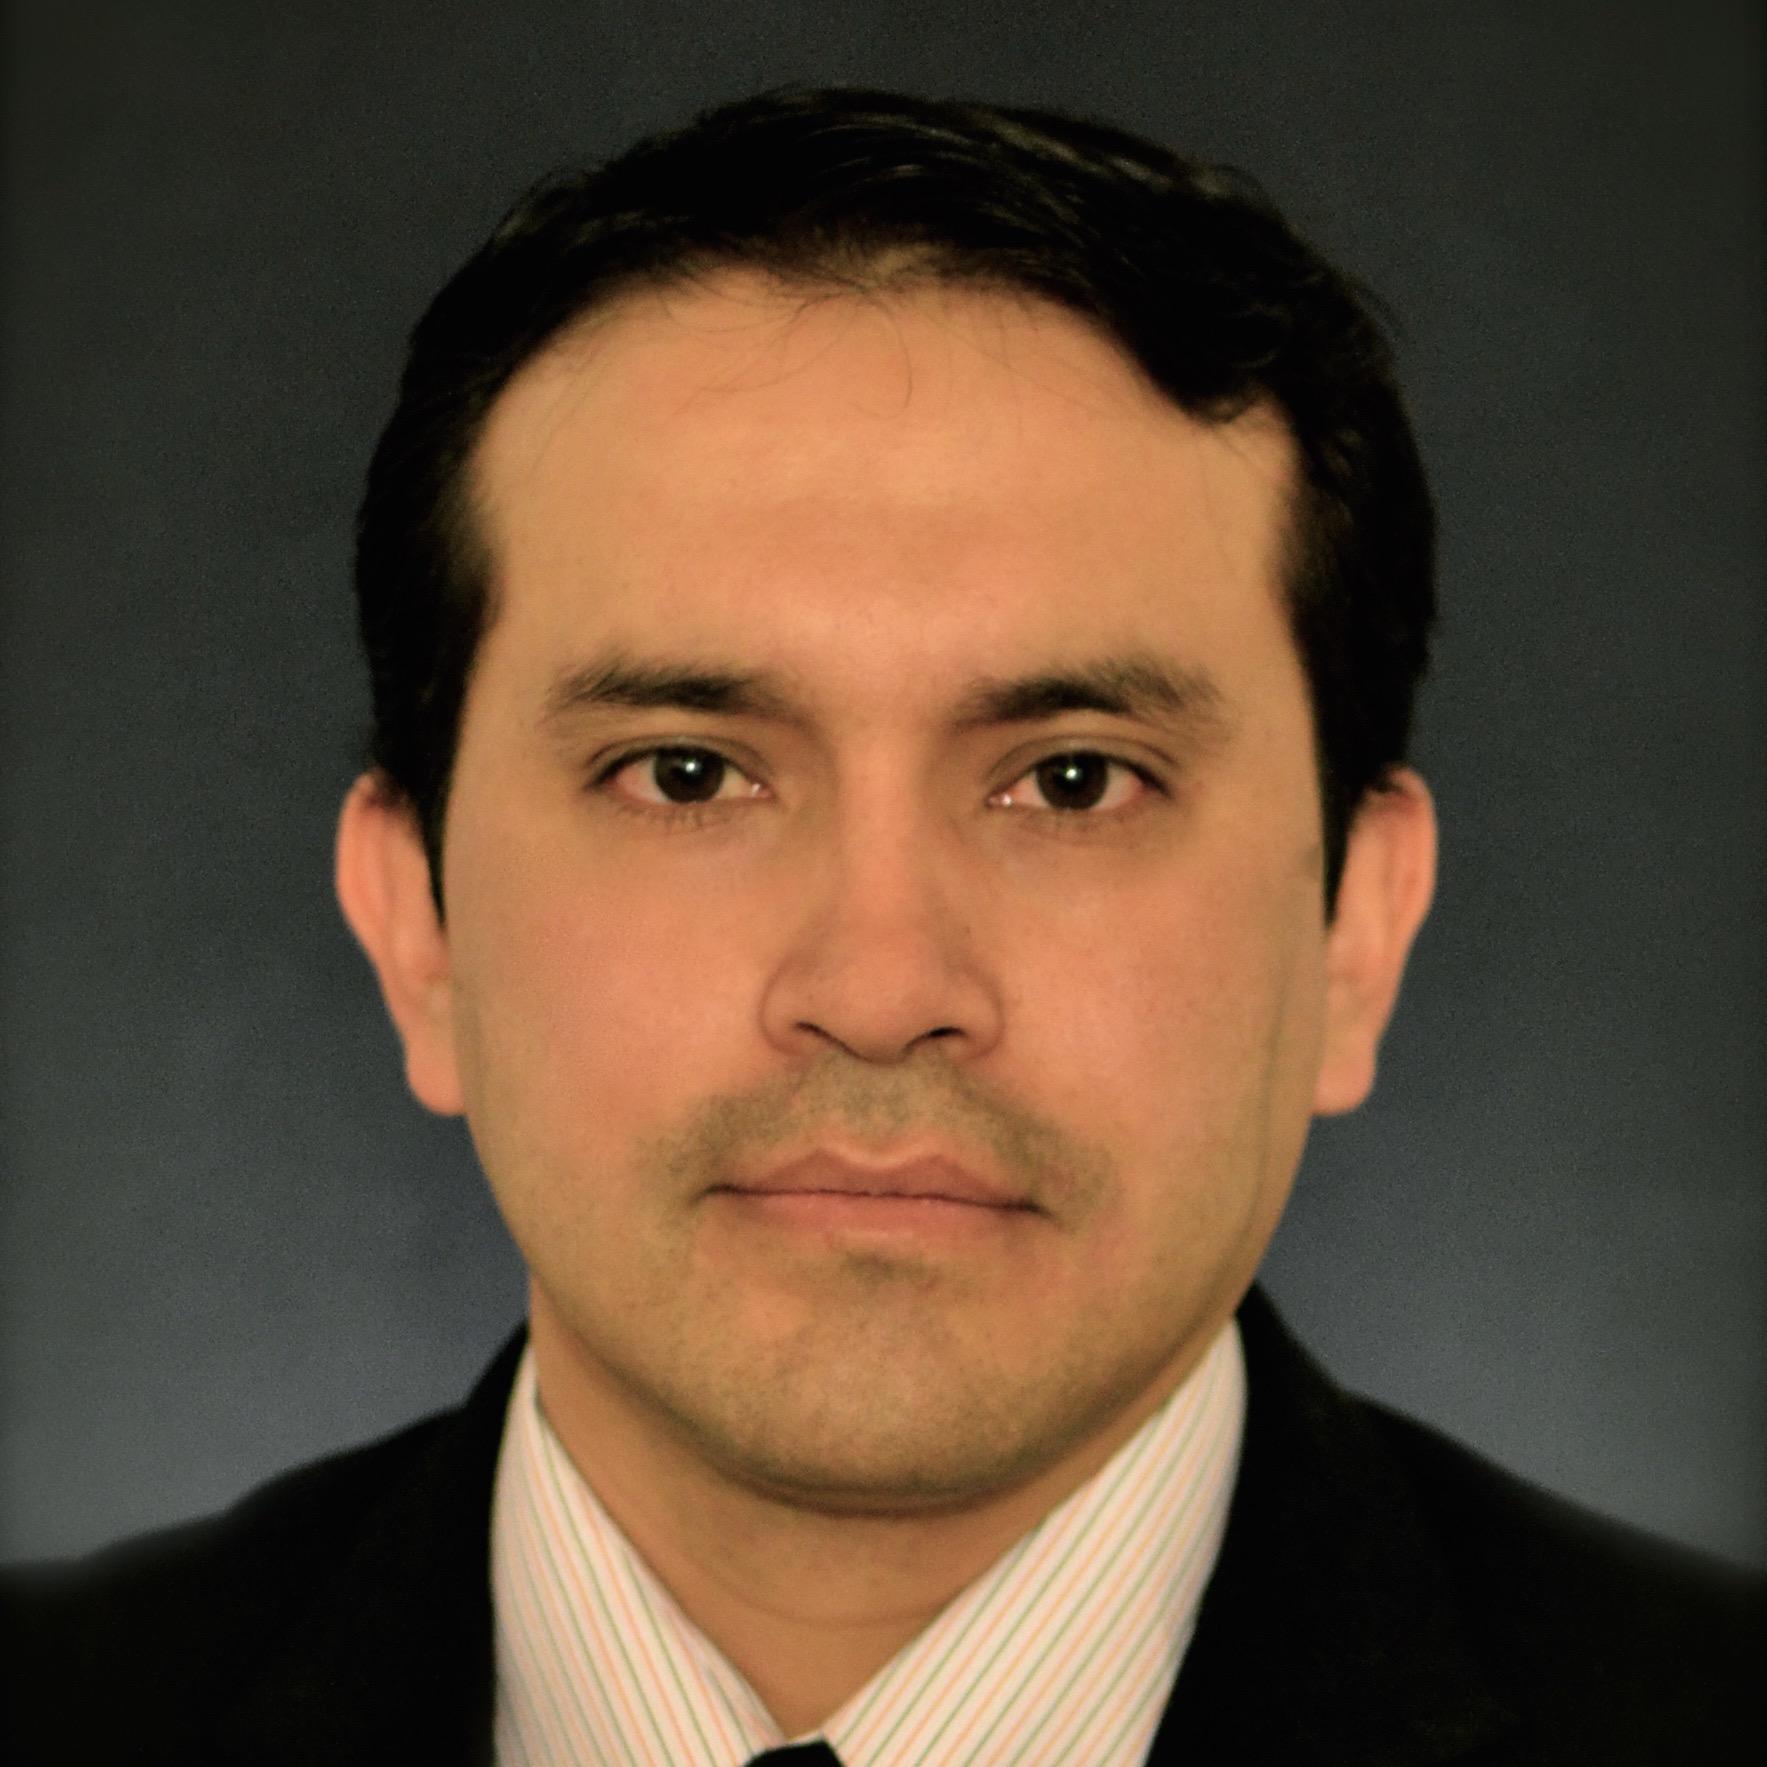 Luis Terán